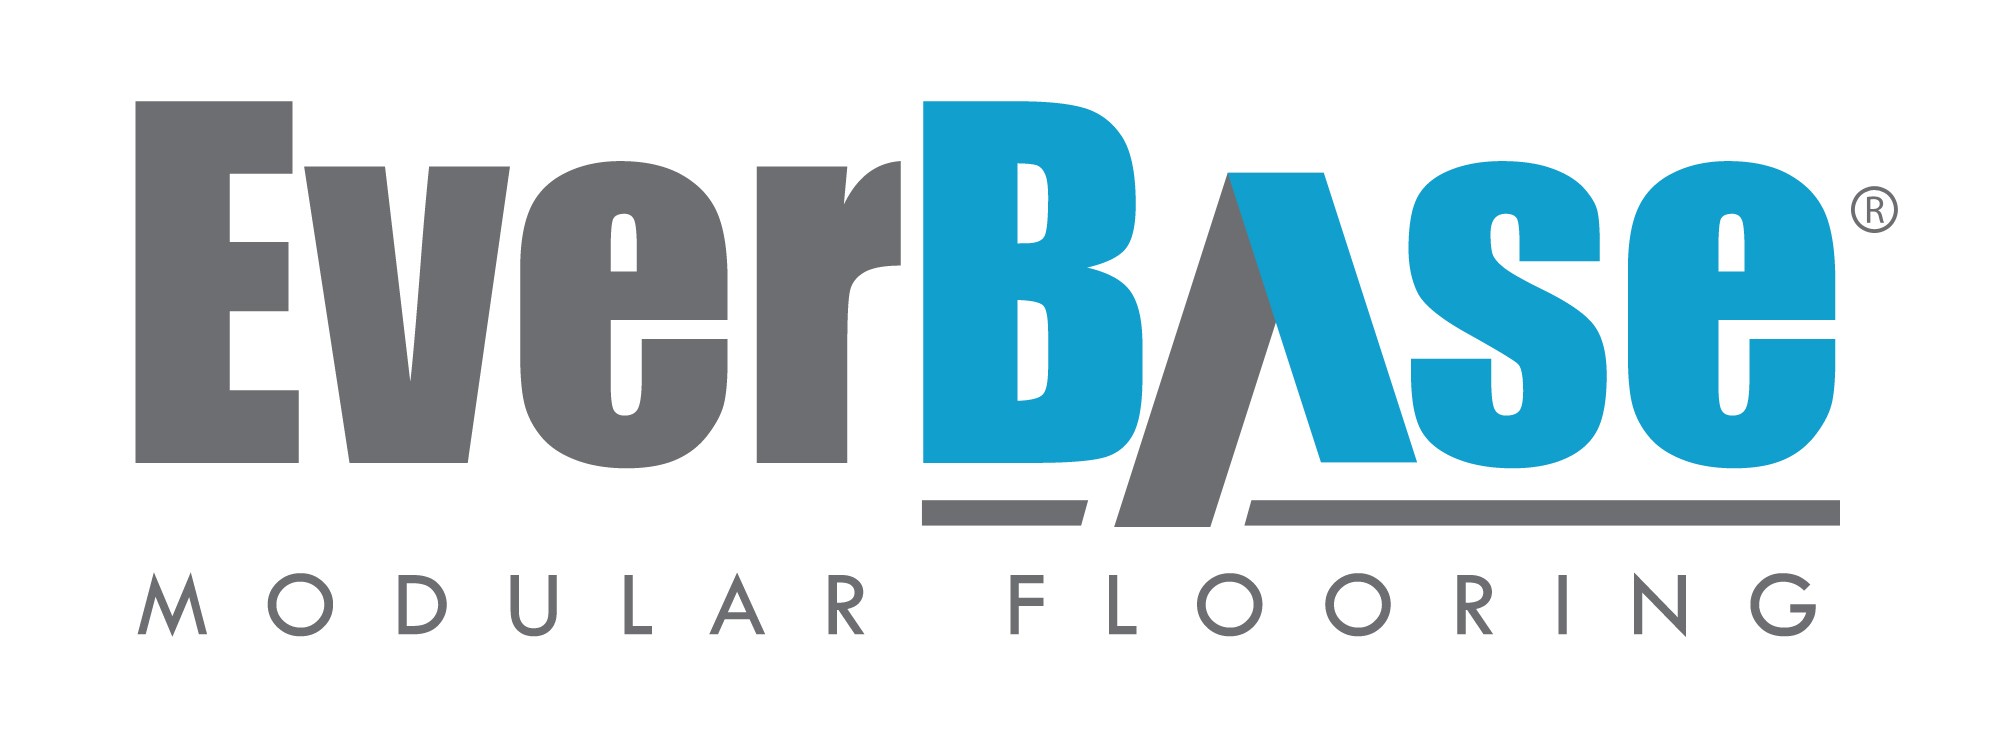 EverBase modular flooring